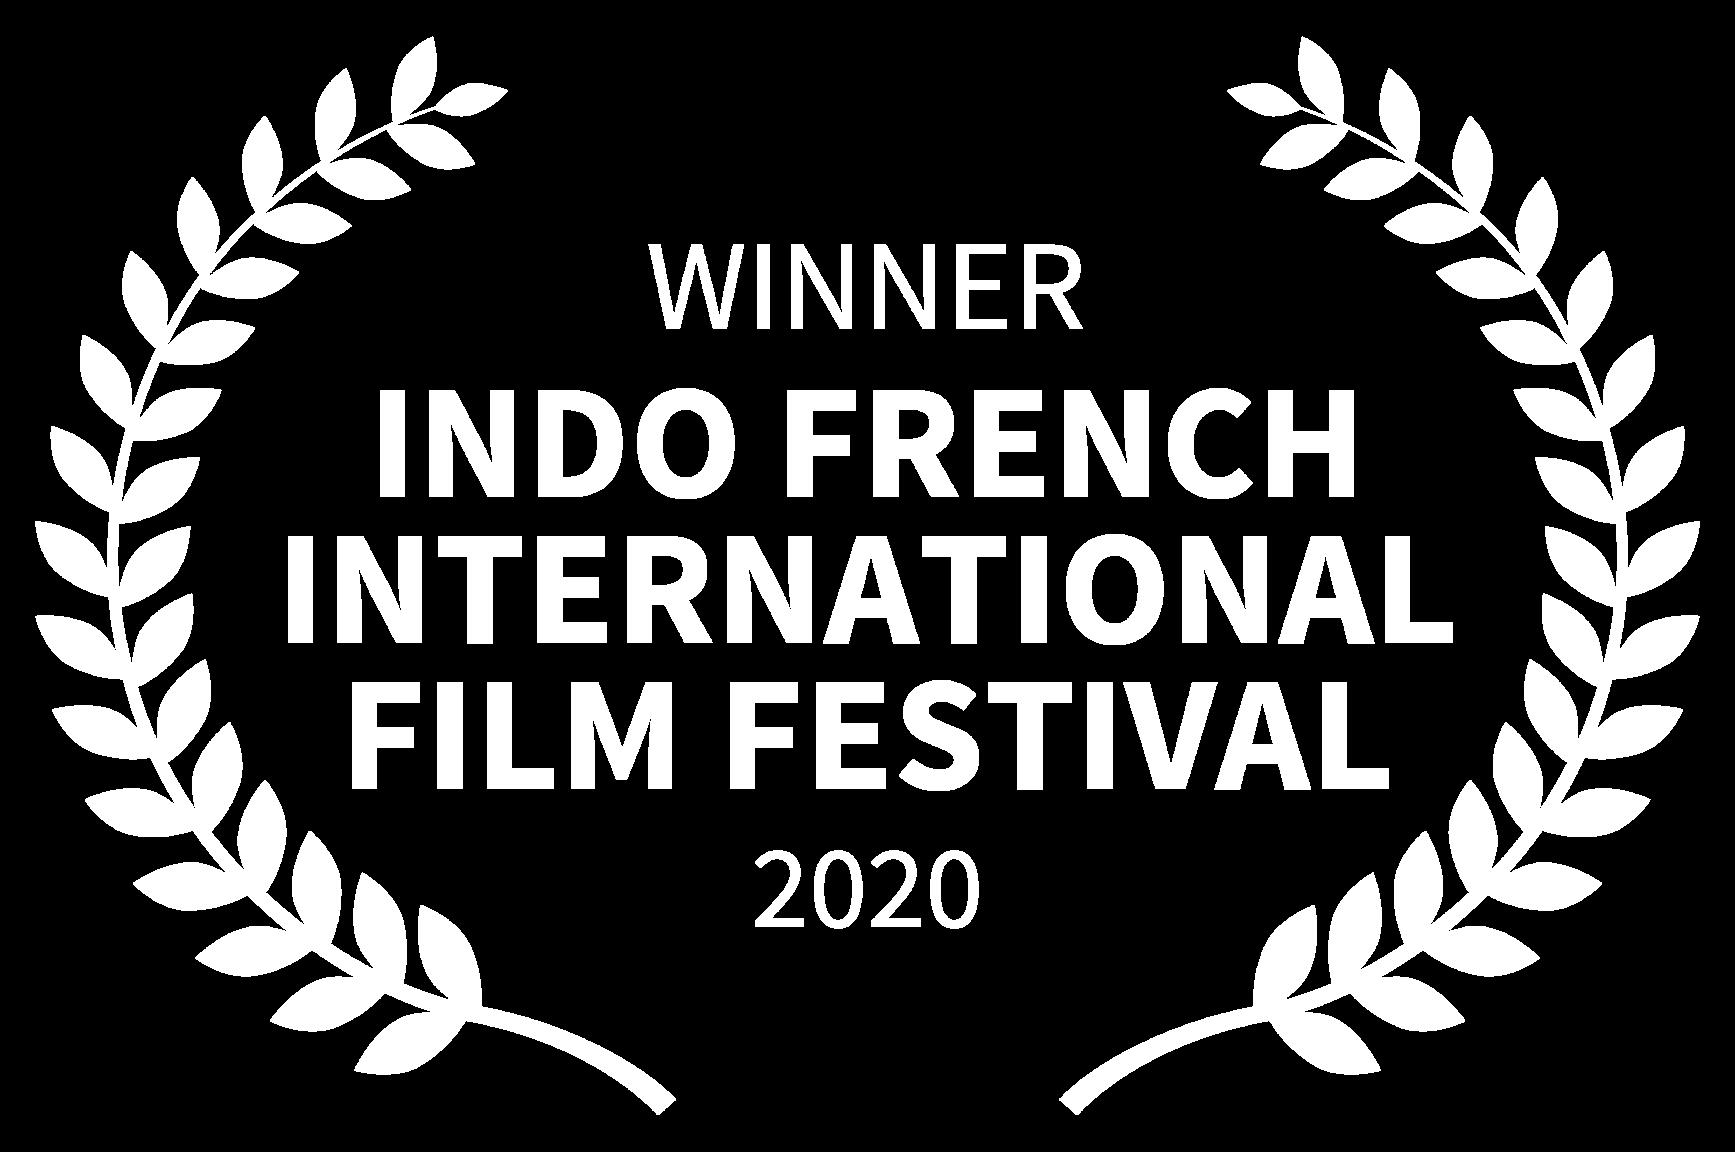 WINNER - INDO FRENCH INTERNATIONAL FILM FESTIVAL - 2020